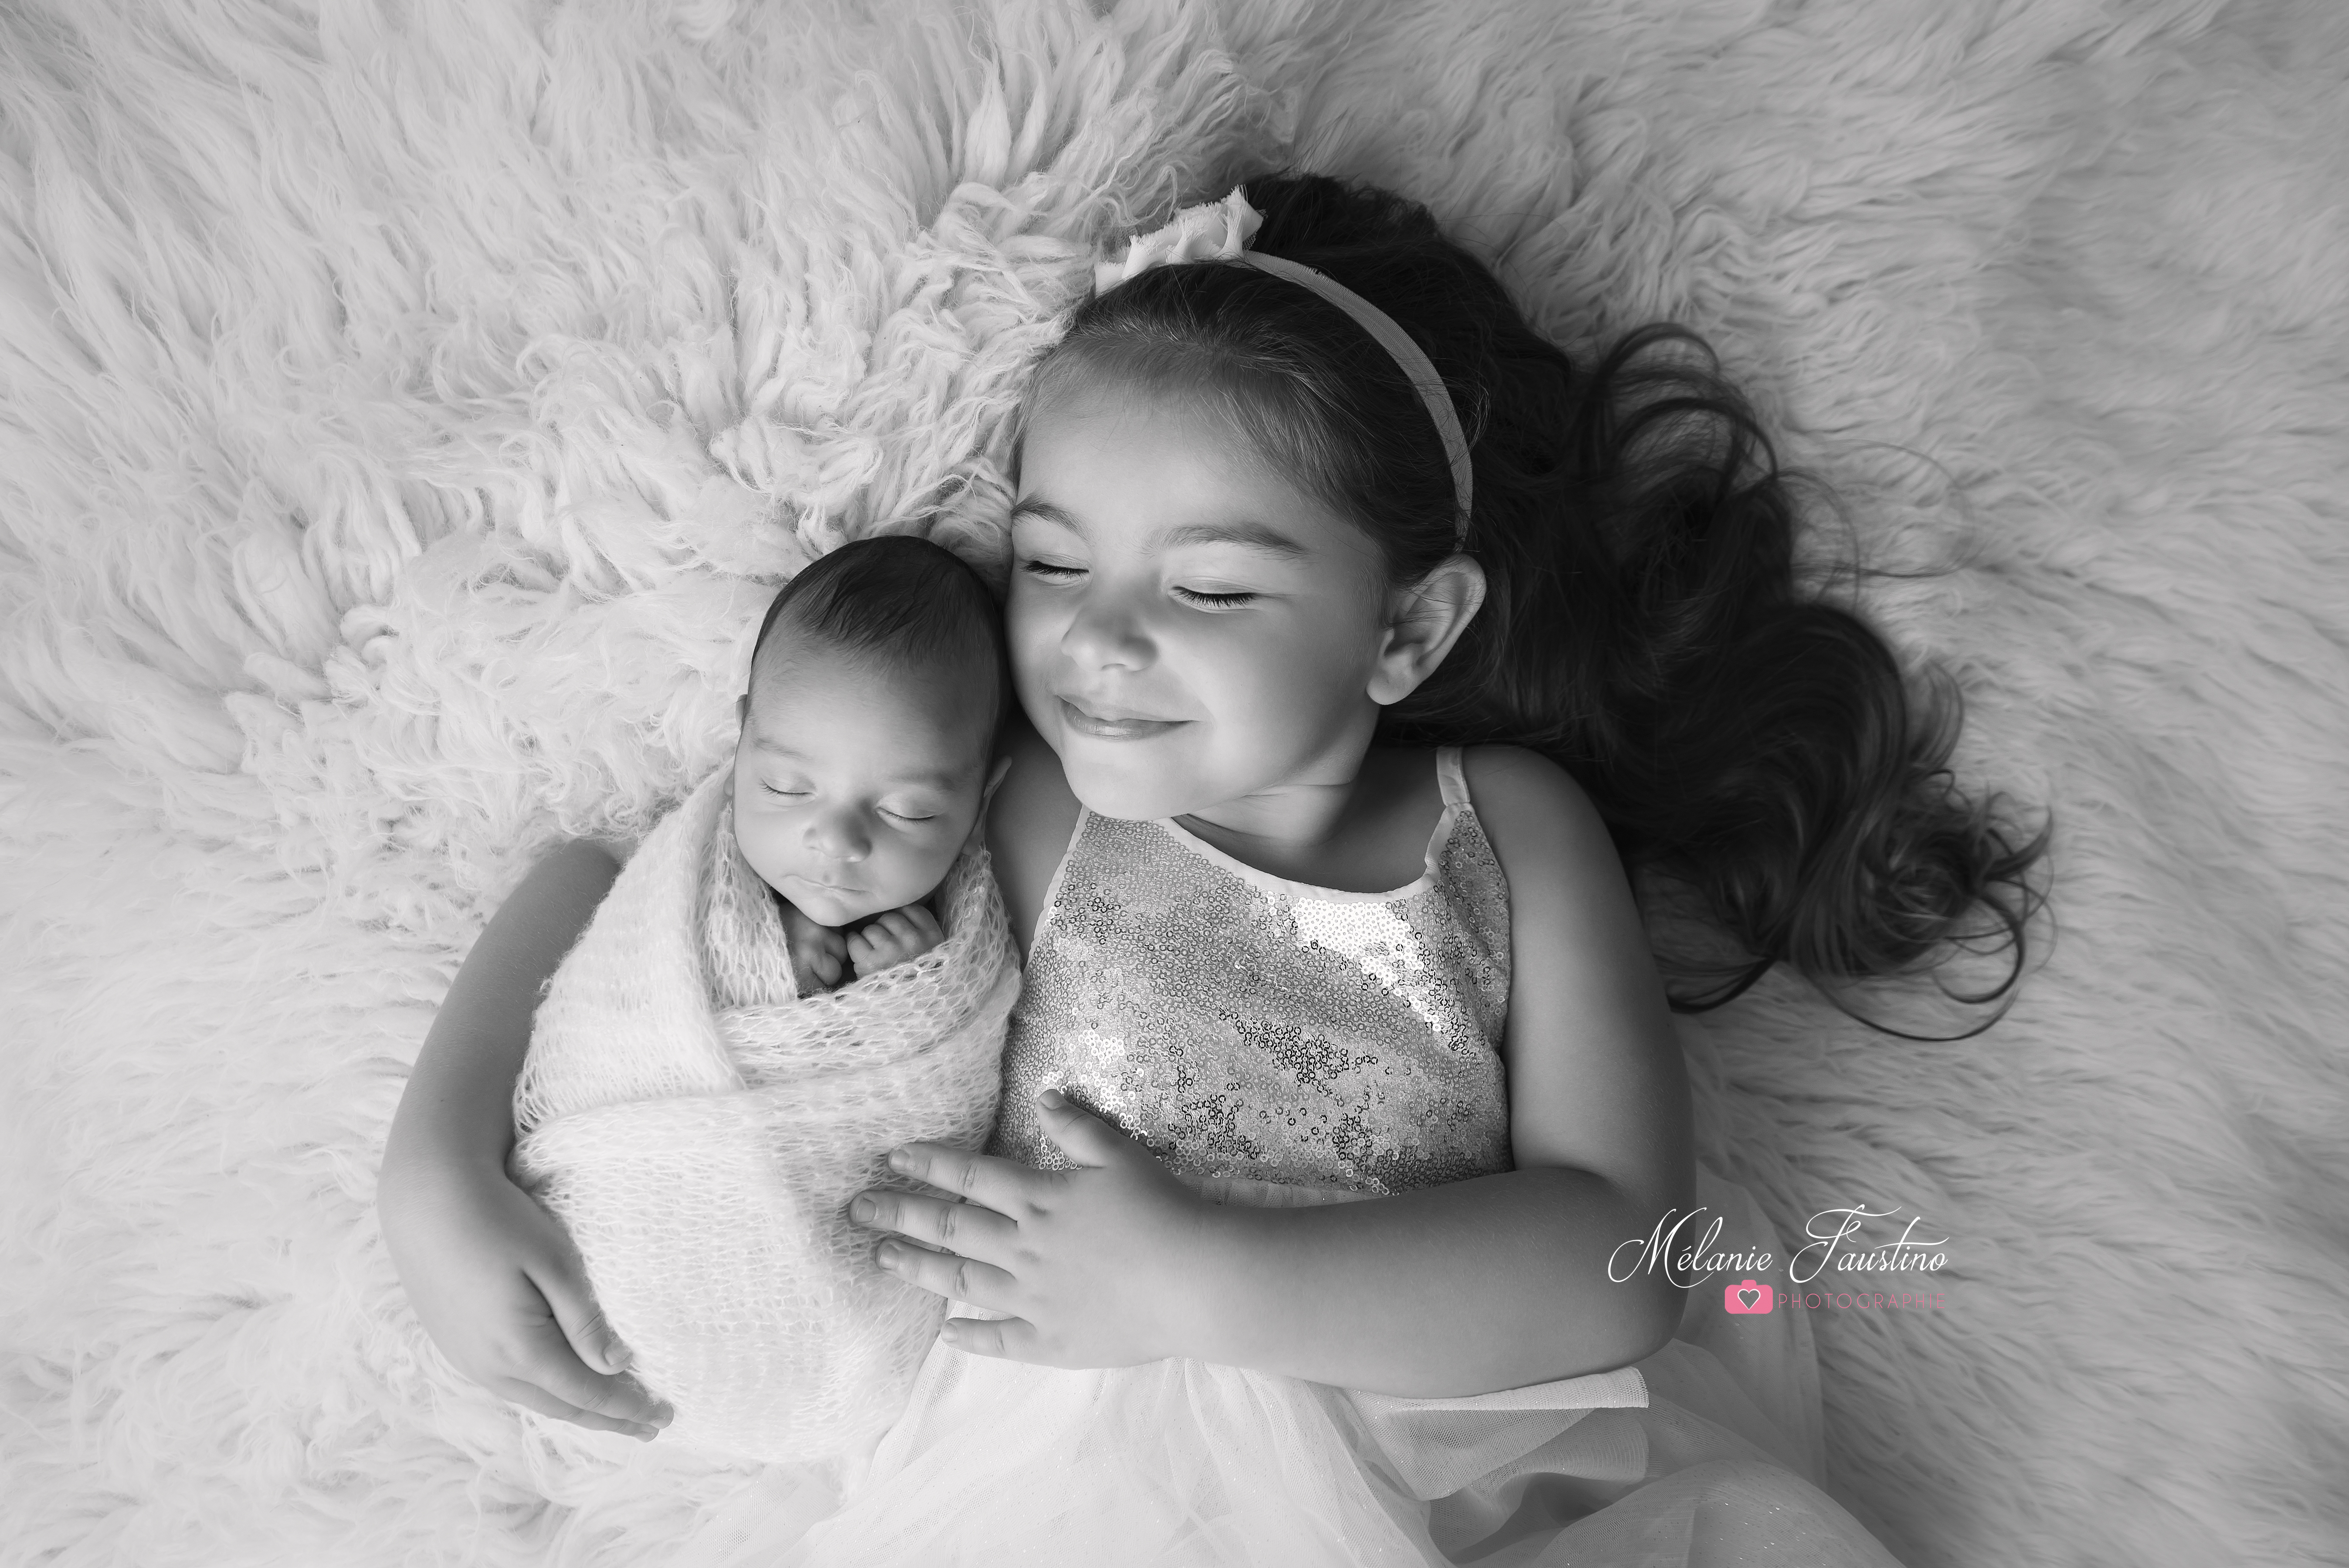 photographe bébé grande soeur frère